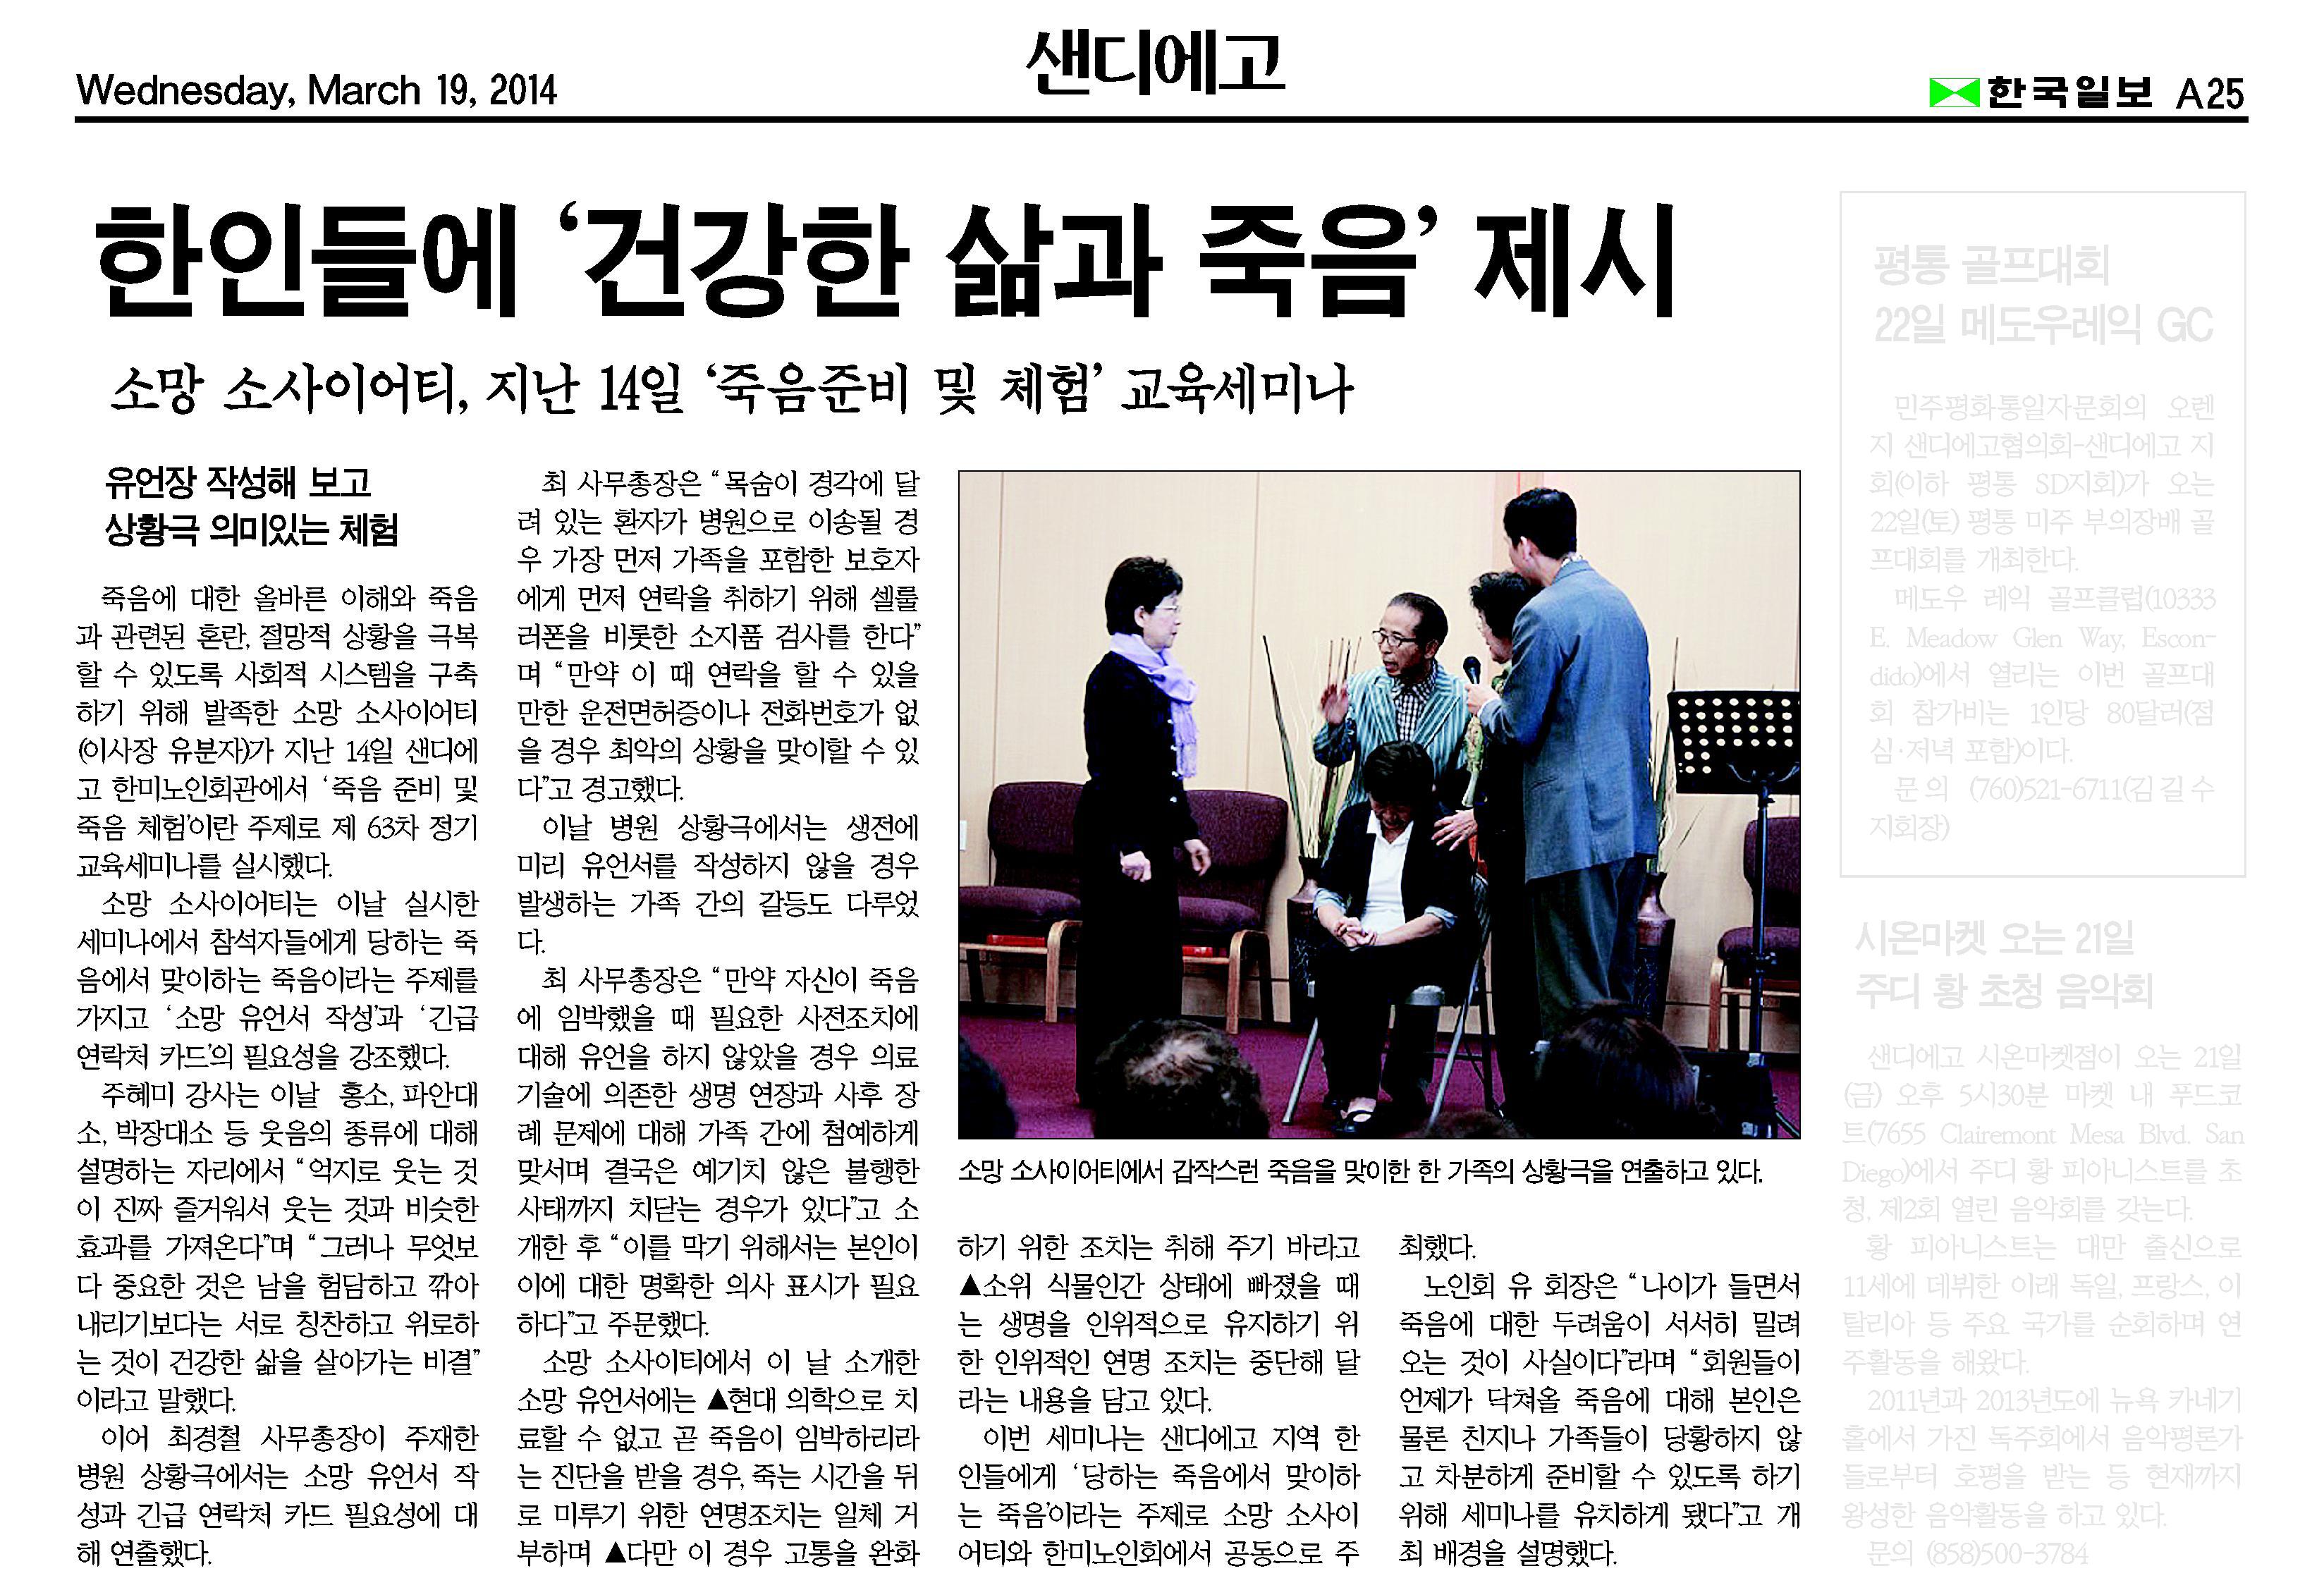 """""""한인들에 건강한 삶과 죽음 제시"""" 2014년 3월 19일 한국일보"""